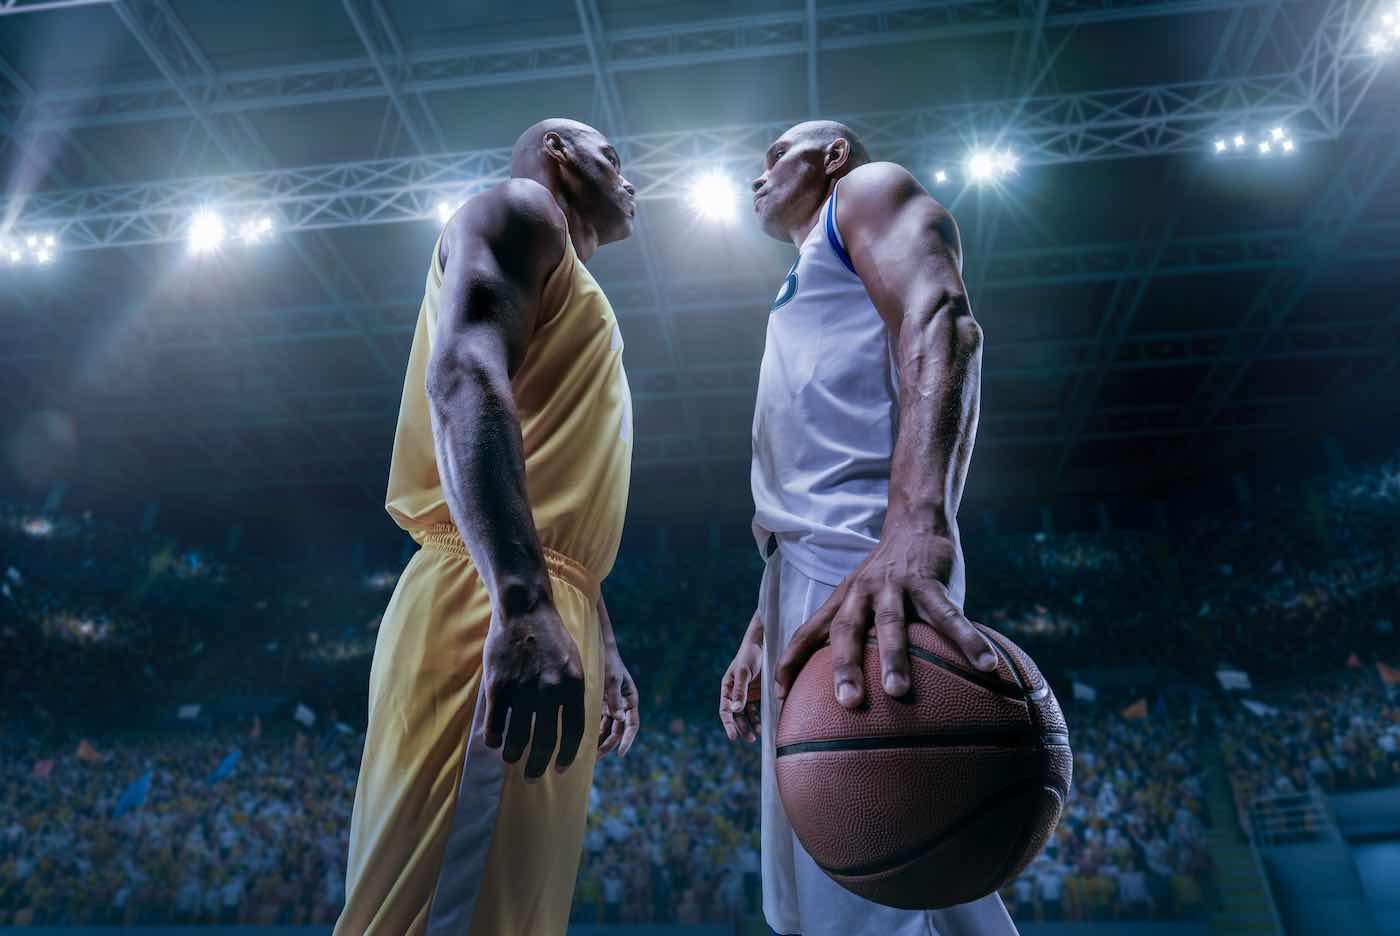 ¿Qué otras estrellas de baloncesto podrían protagonizar 'Space Jam'?